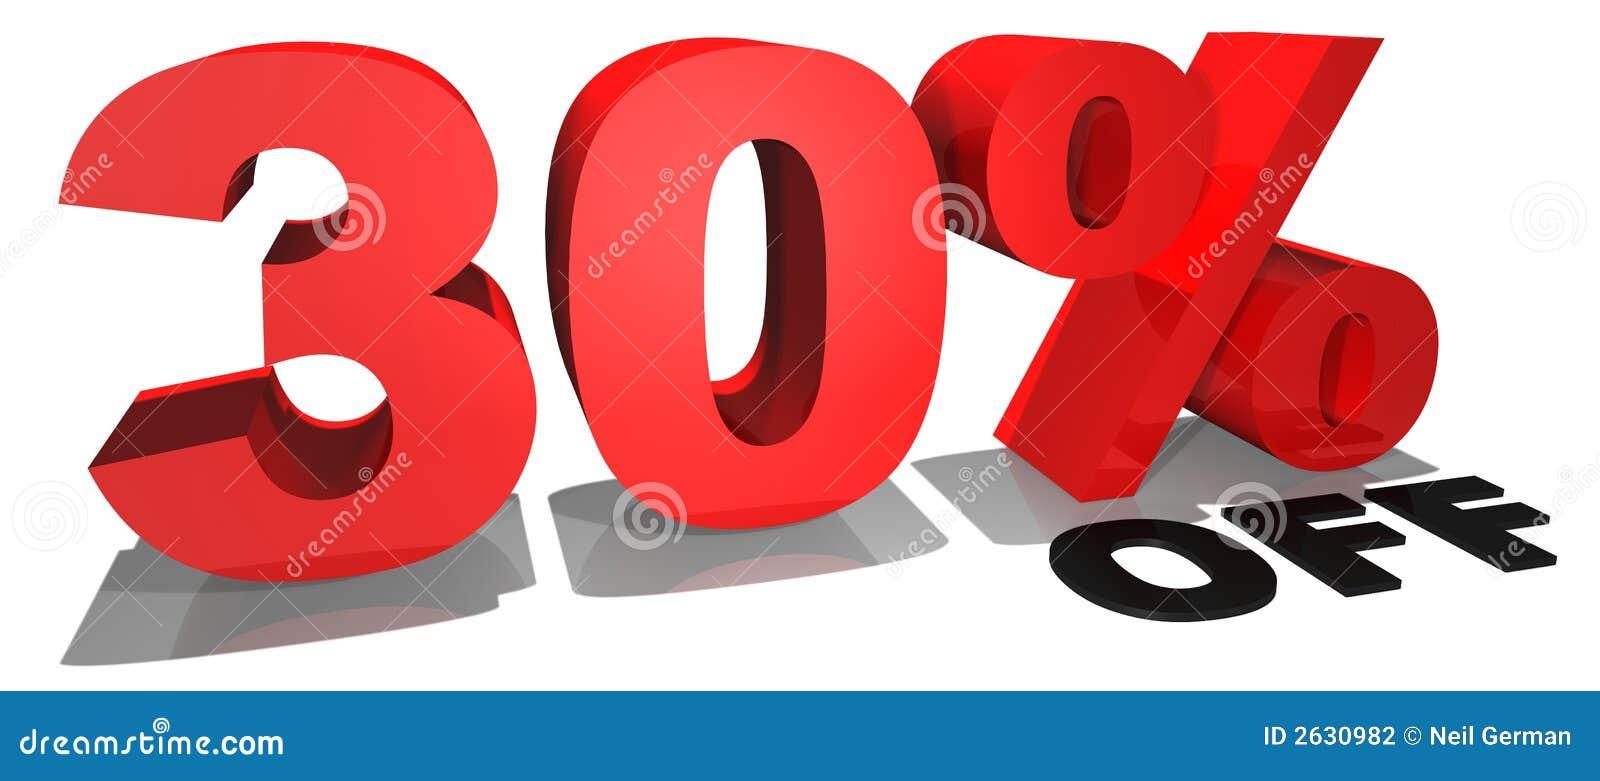 Testo 30  di promozione di vendita fuori